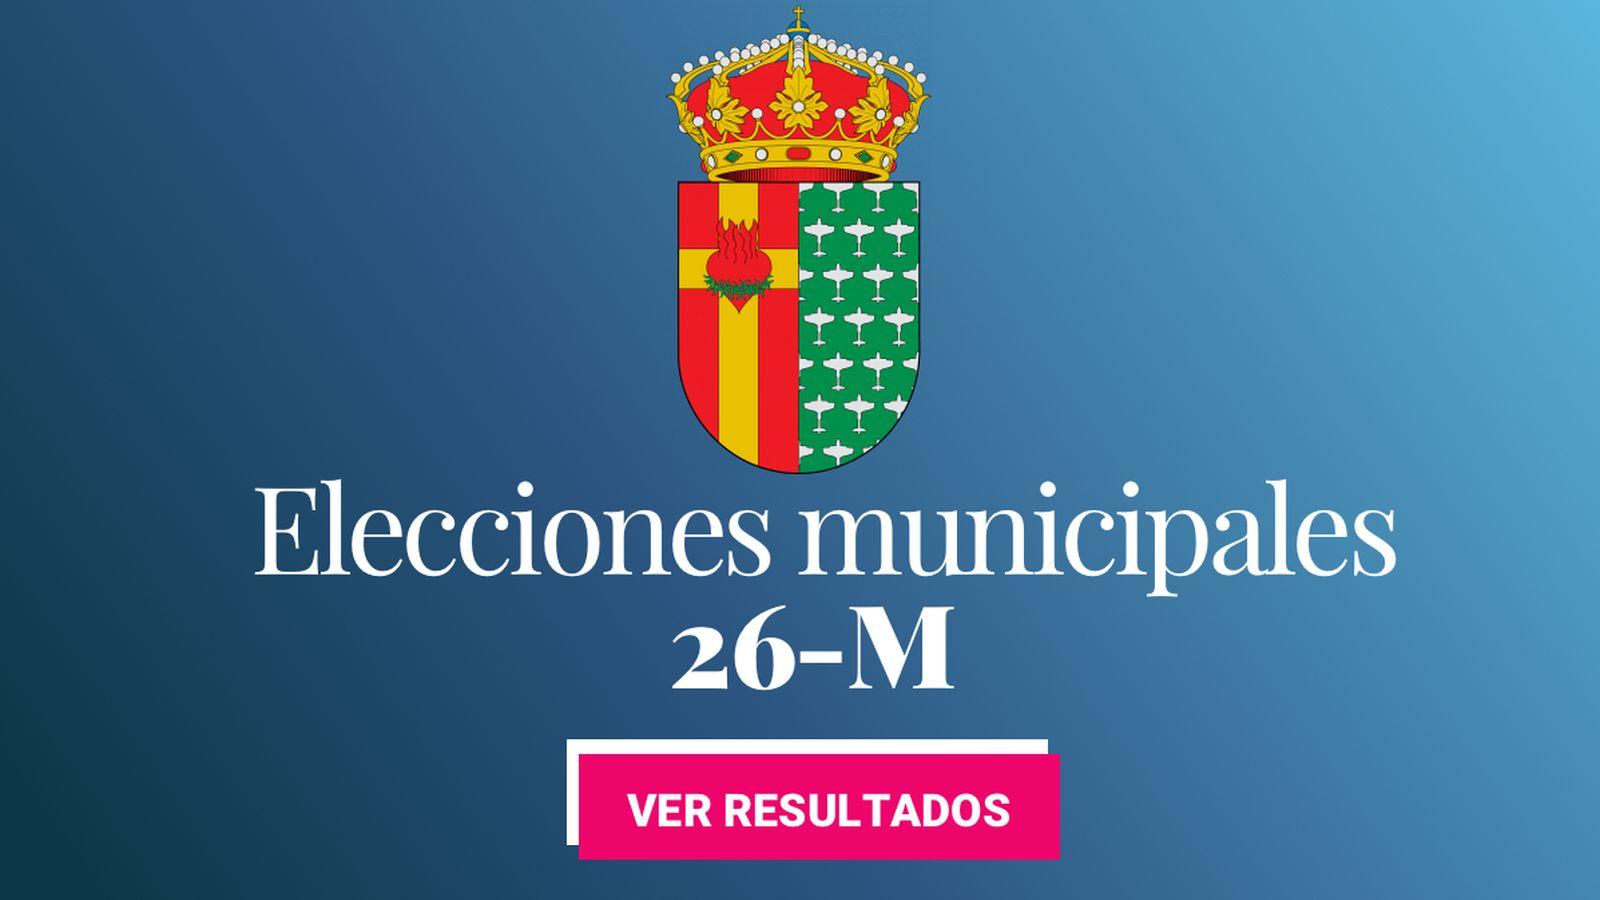 Foto: Elecciones municipales 2019 en Getafe. (C.C./EC)